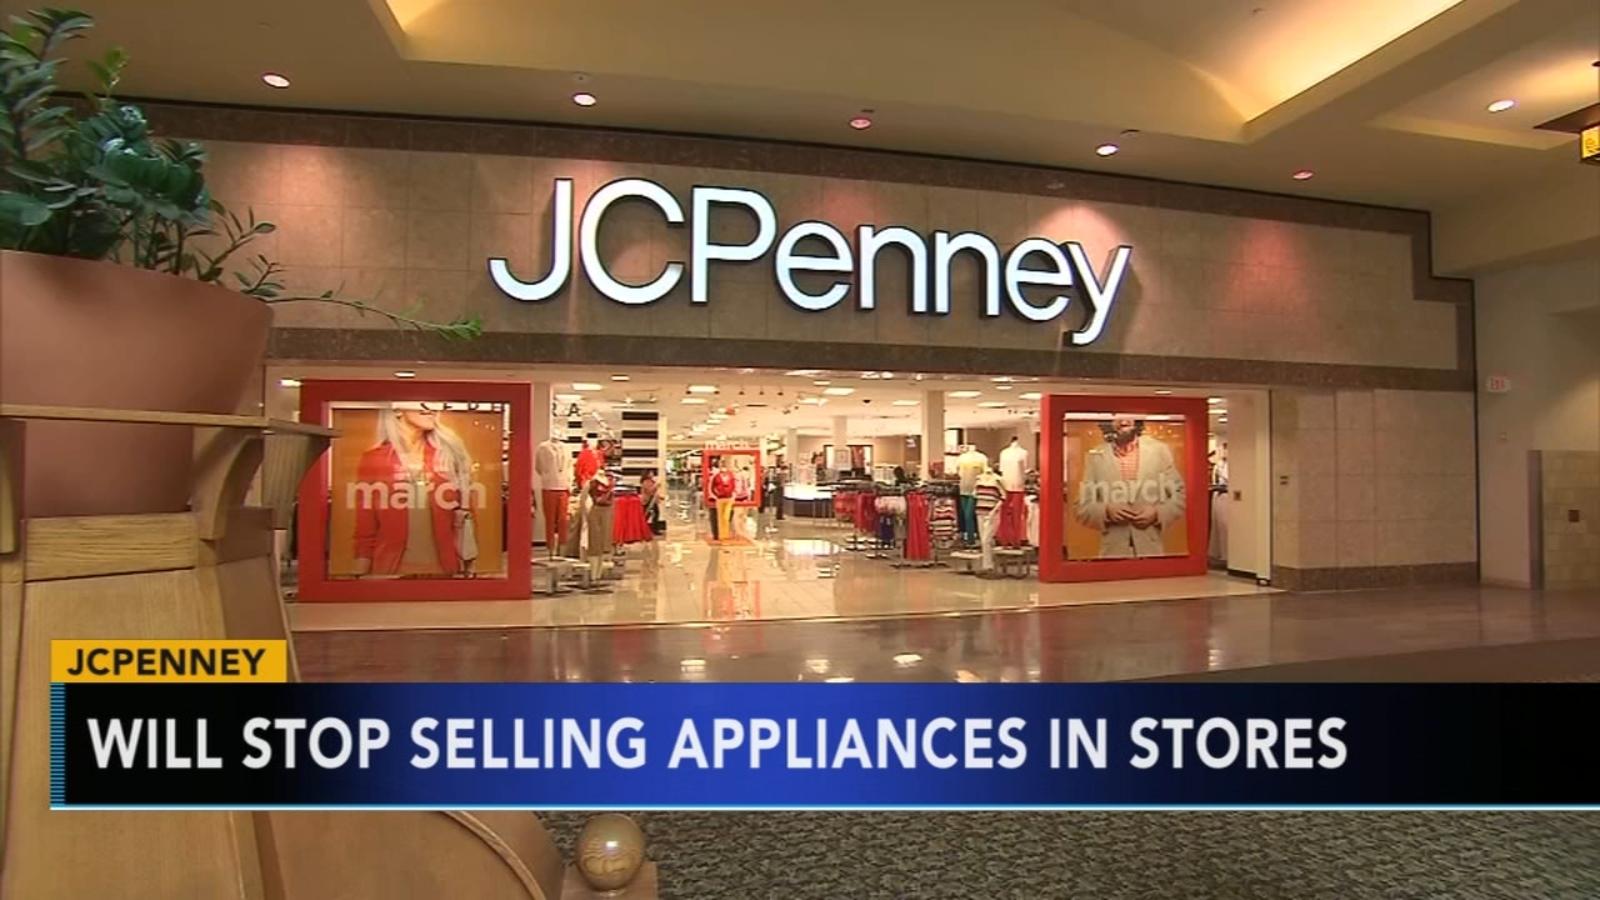 Appliances stores